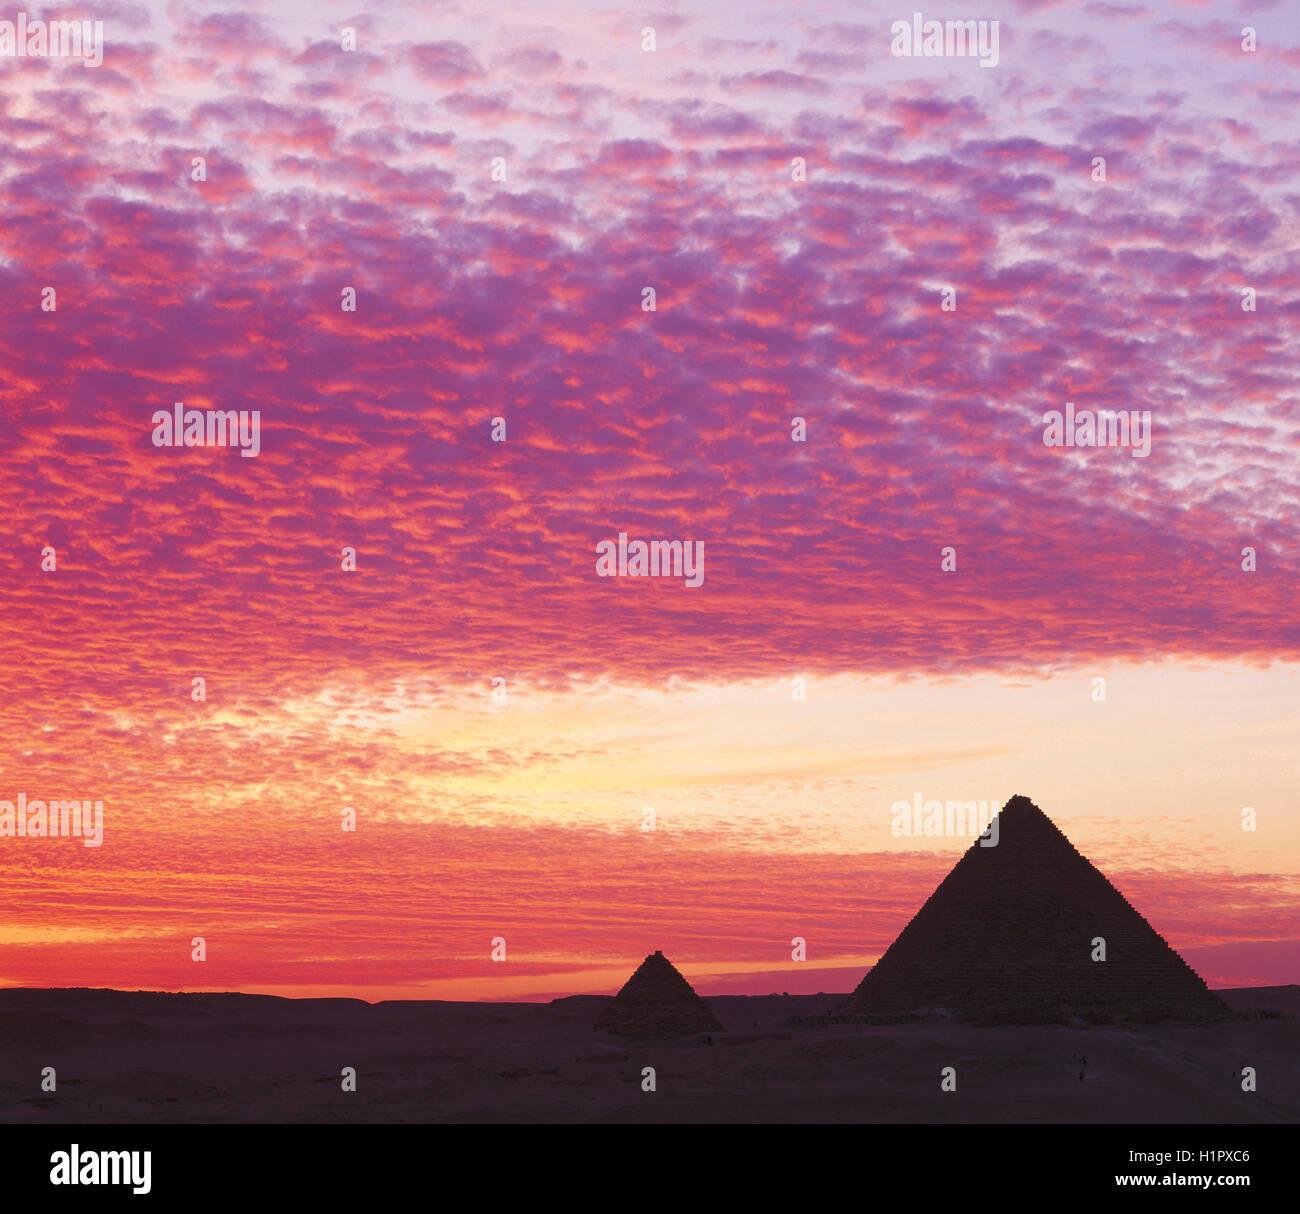 Pyramides au coucher du soleil, Gizeh, Le Caire, Égypte. Photo Stock